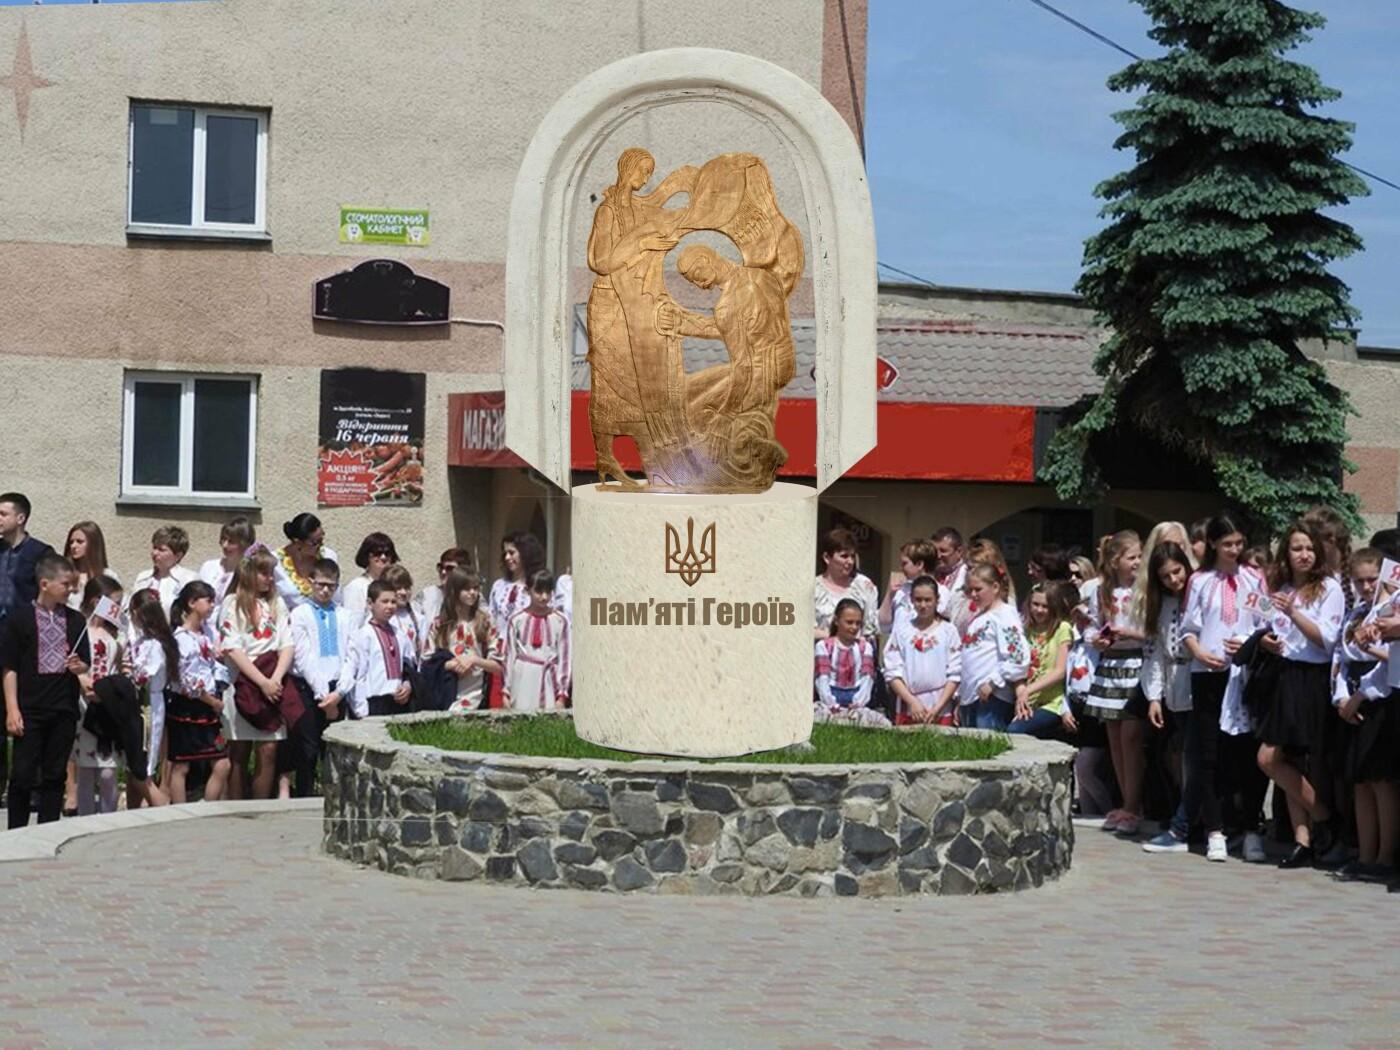 Здолбунівчани різко розкритикували меморіал, який почали встановлювати у центрі міста (ФОТО)  , фото-10